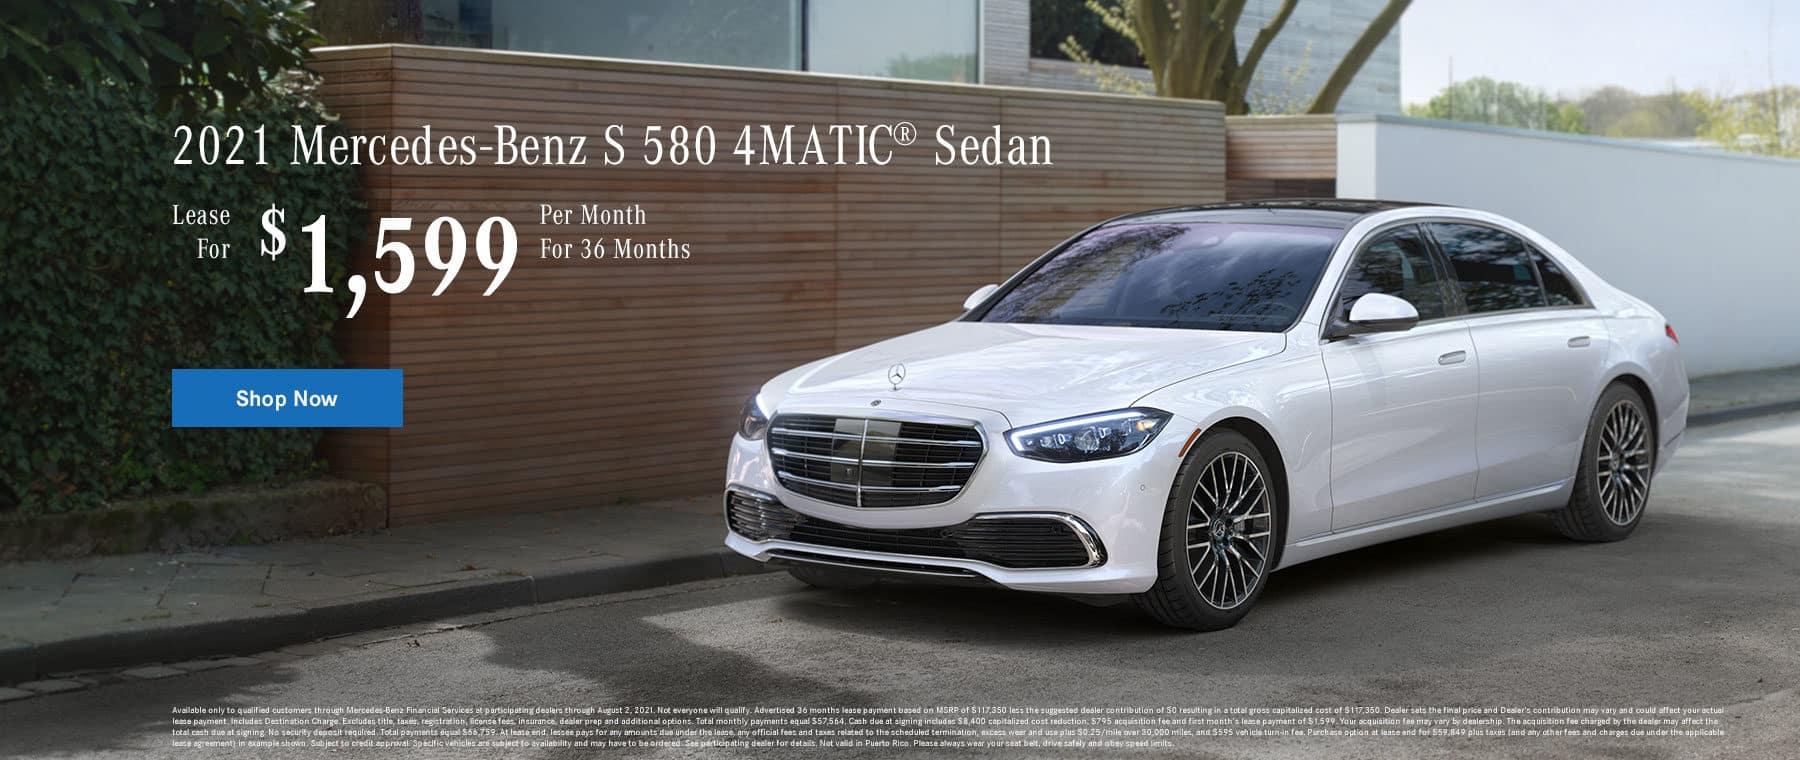 2021 Mercedes-Benz S 580 4MATIC® Sedan